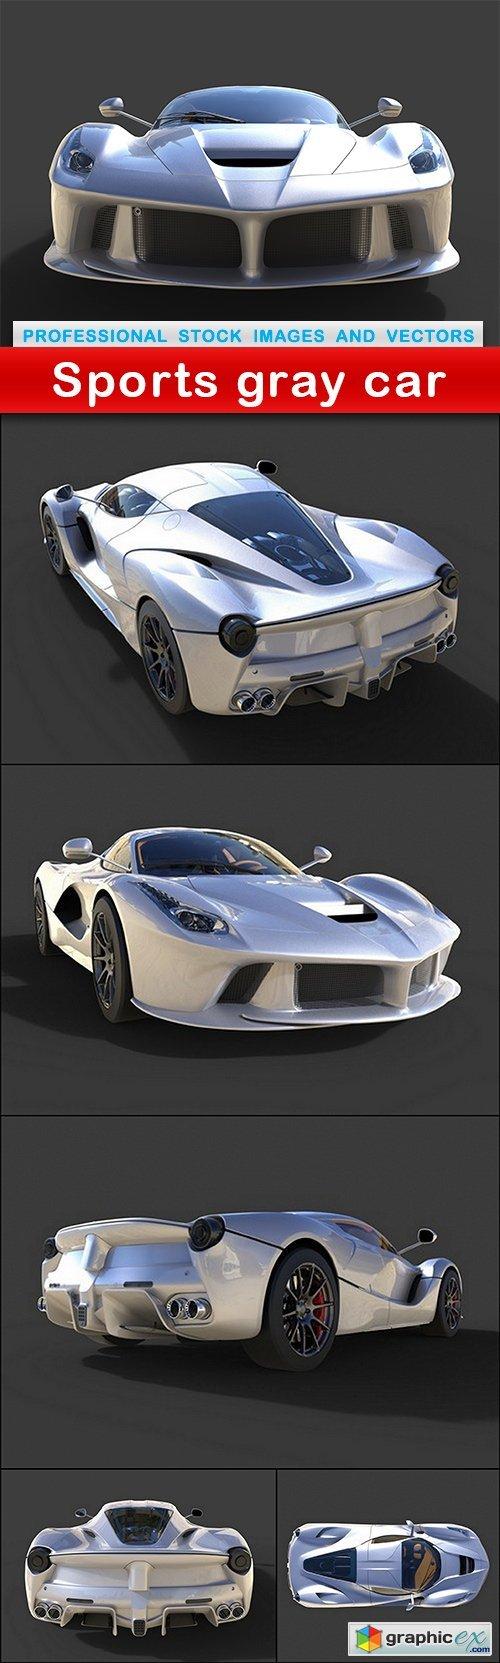 Sports gray car - 6 UHQ JPEG